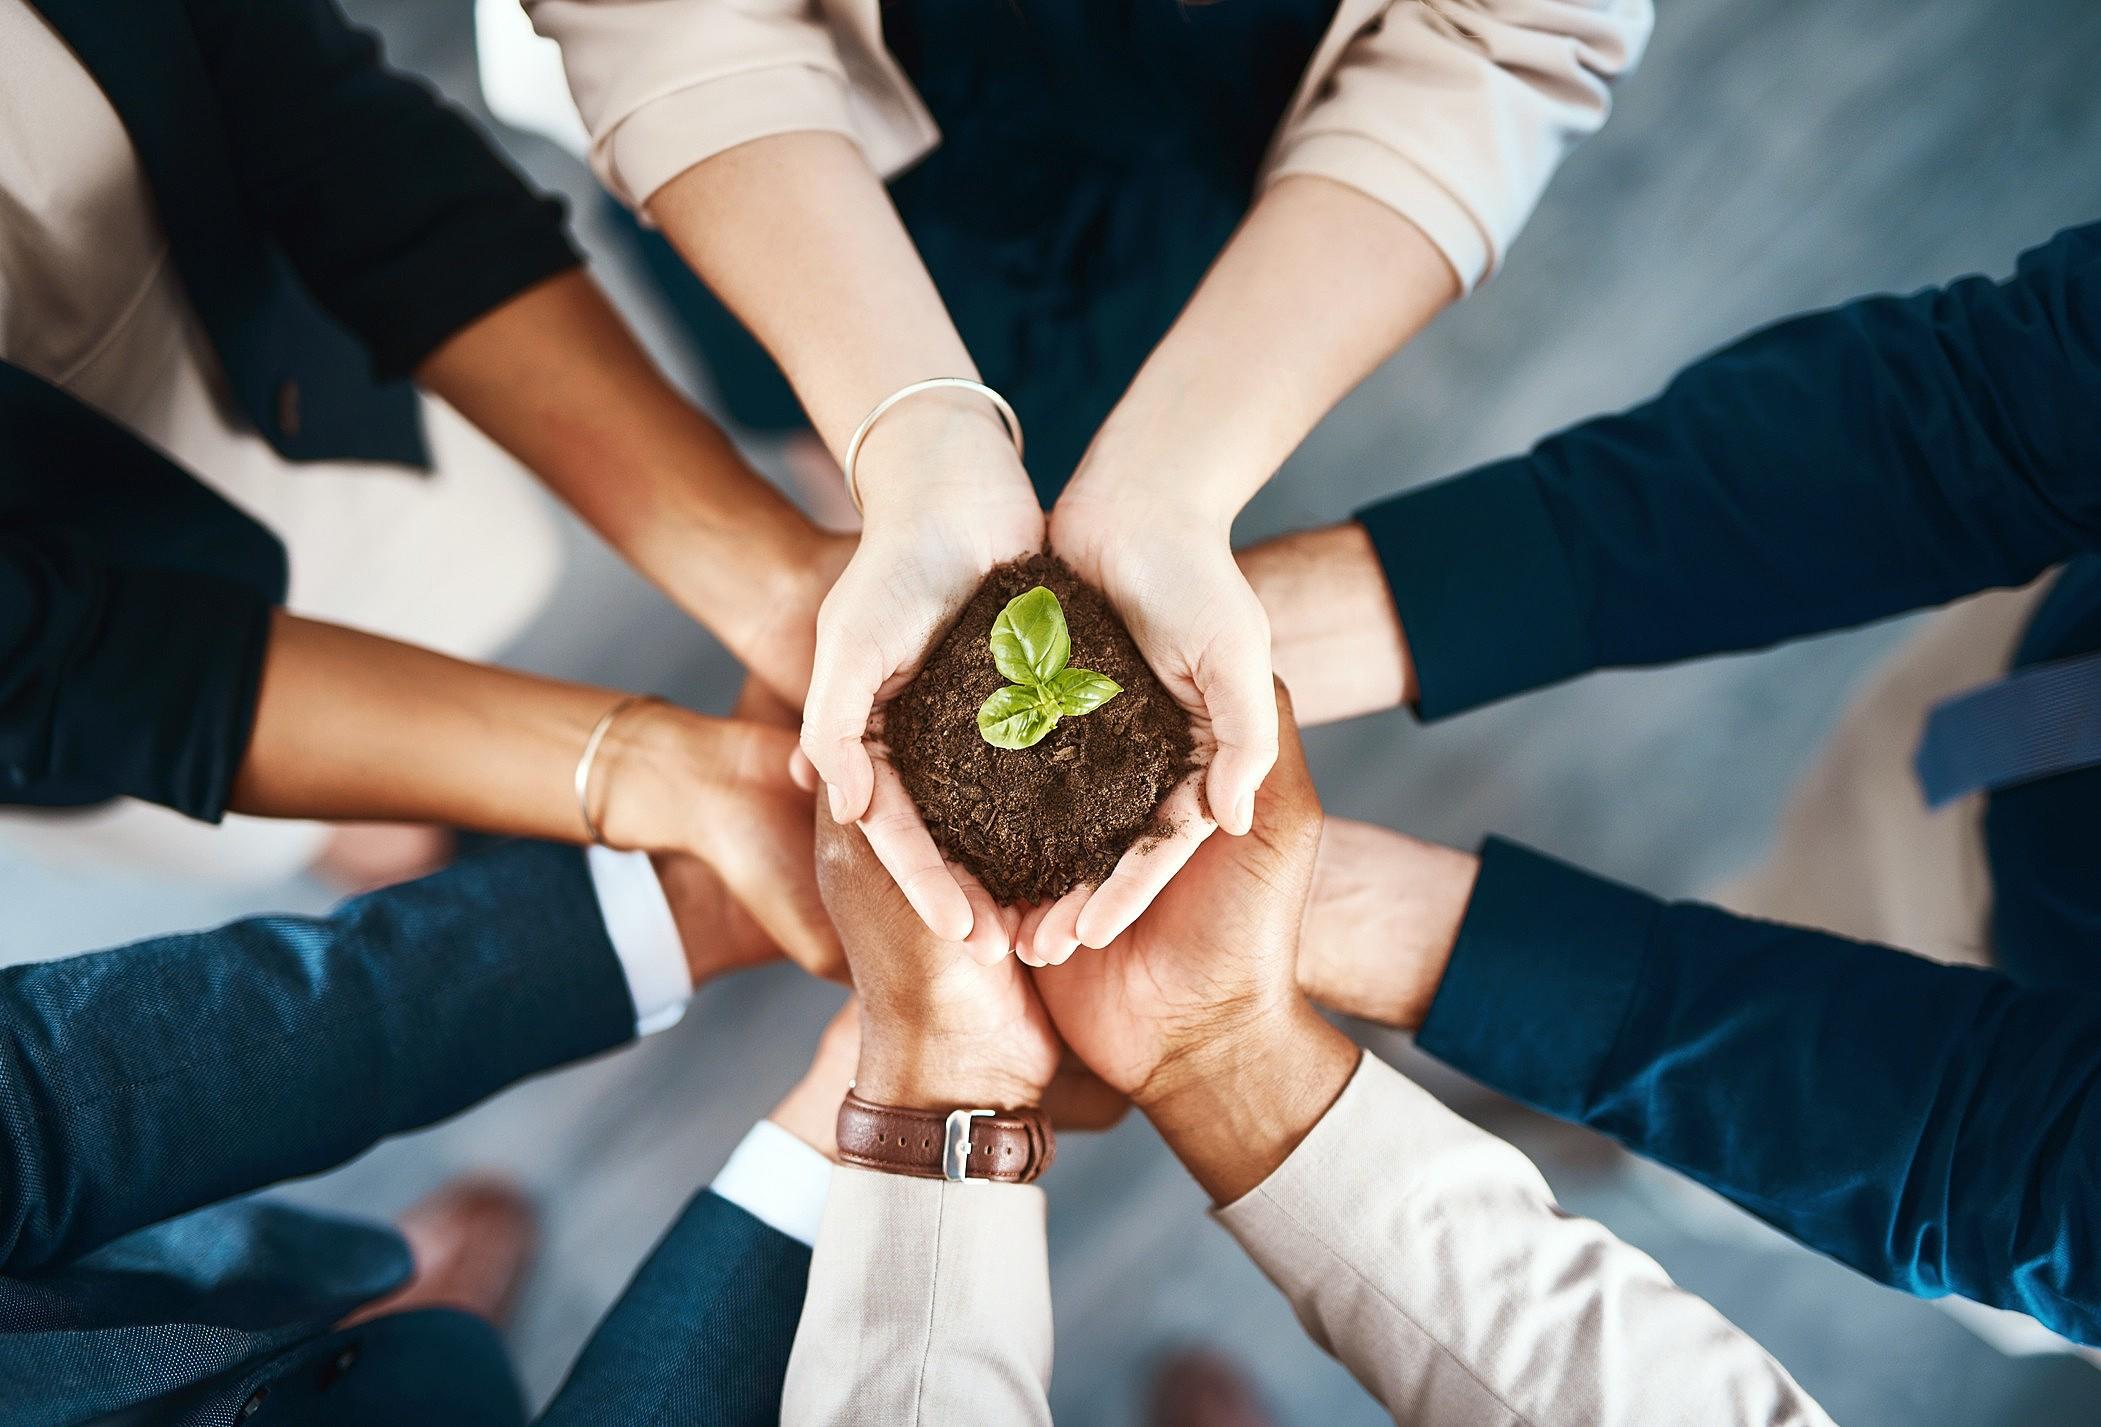 Sustentabilidade corporativa: o que você precisa saber sobre ela?